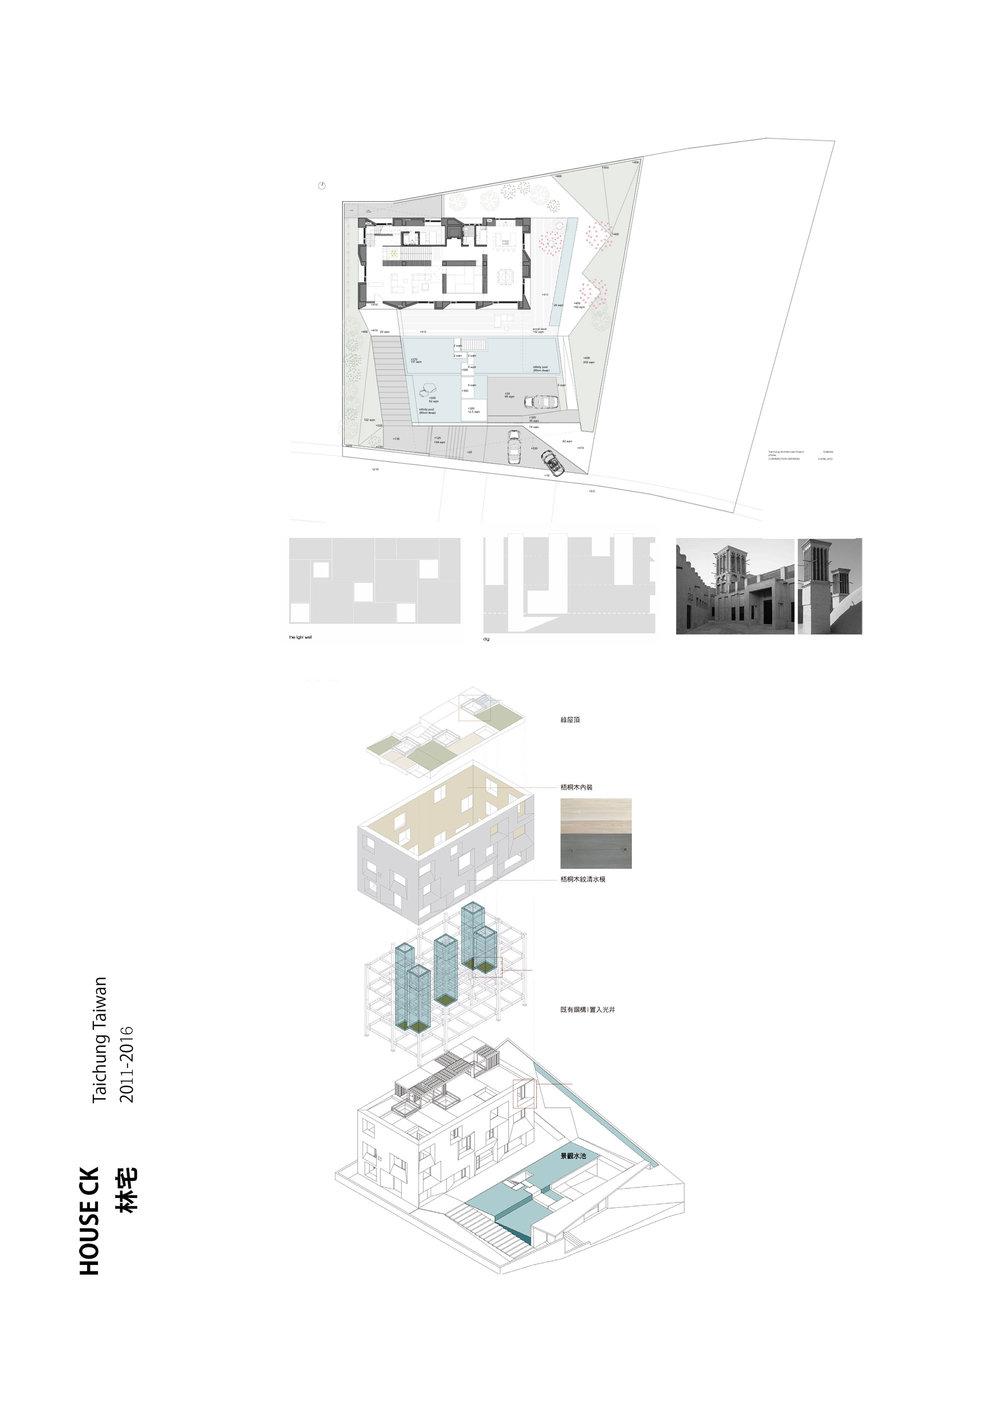 10-wohnhaus-ck-behet-bondzio-lin-architekten.jpg